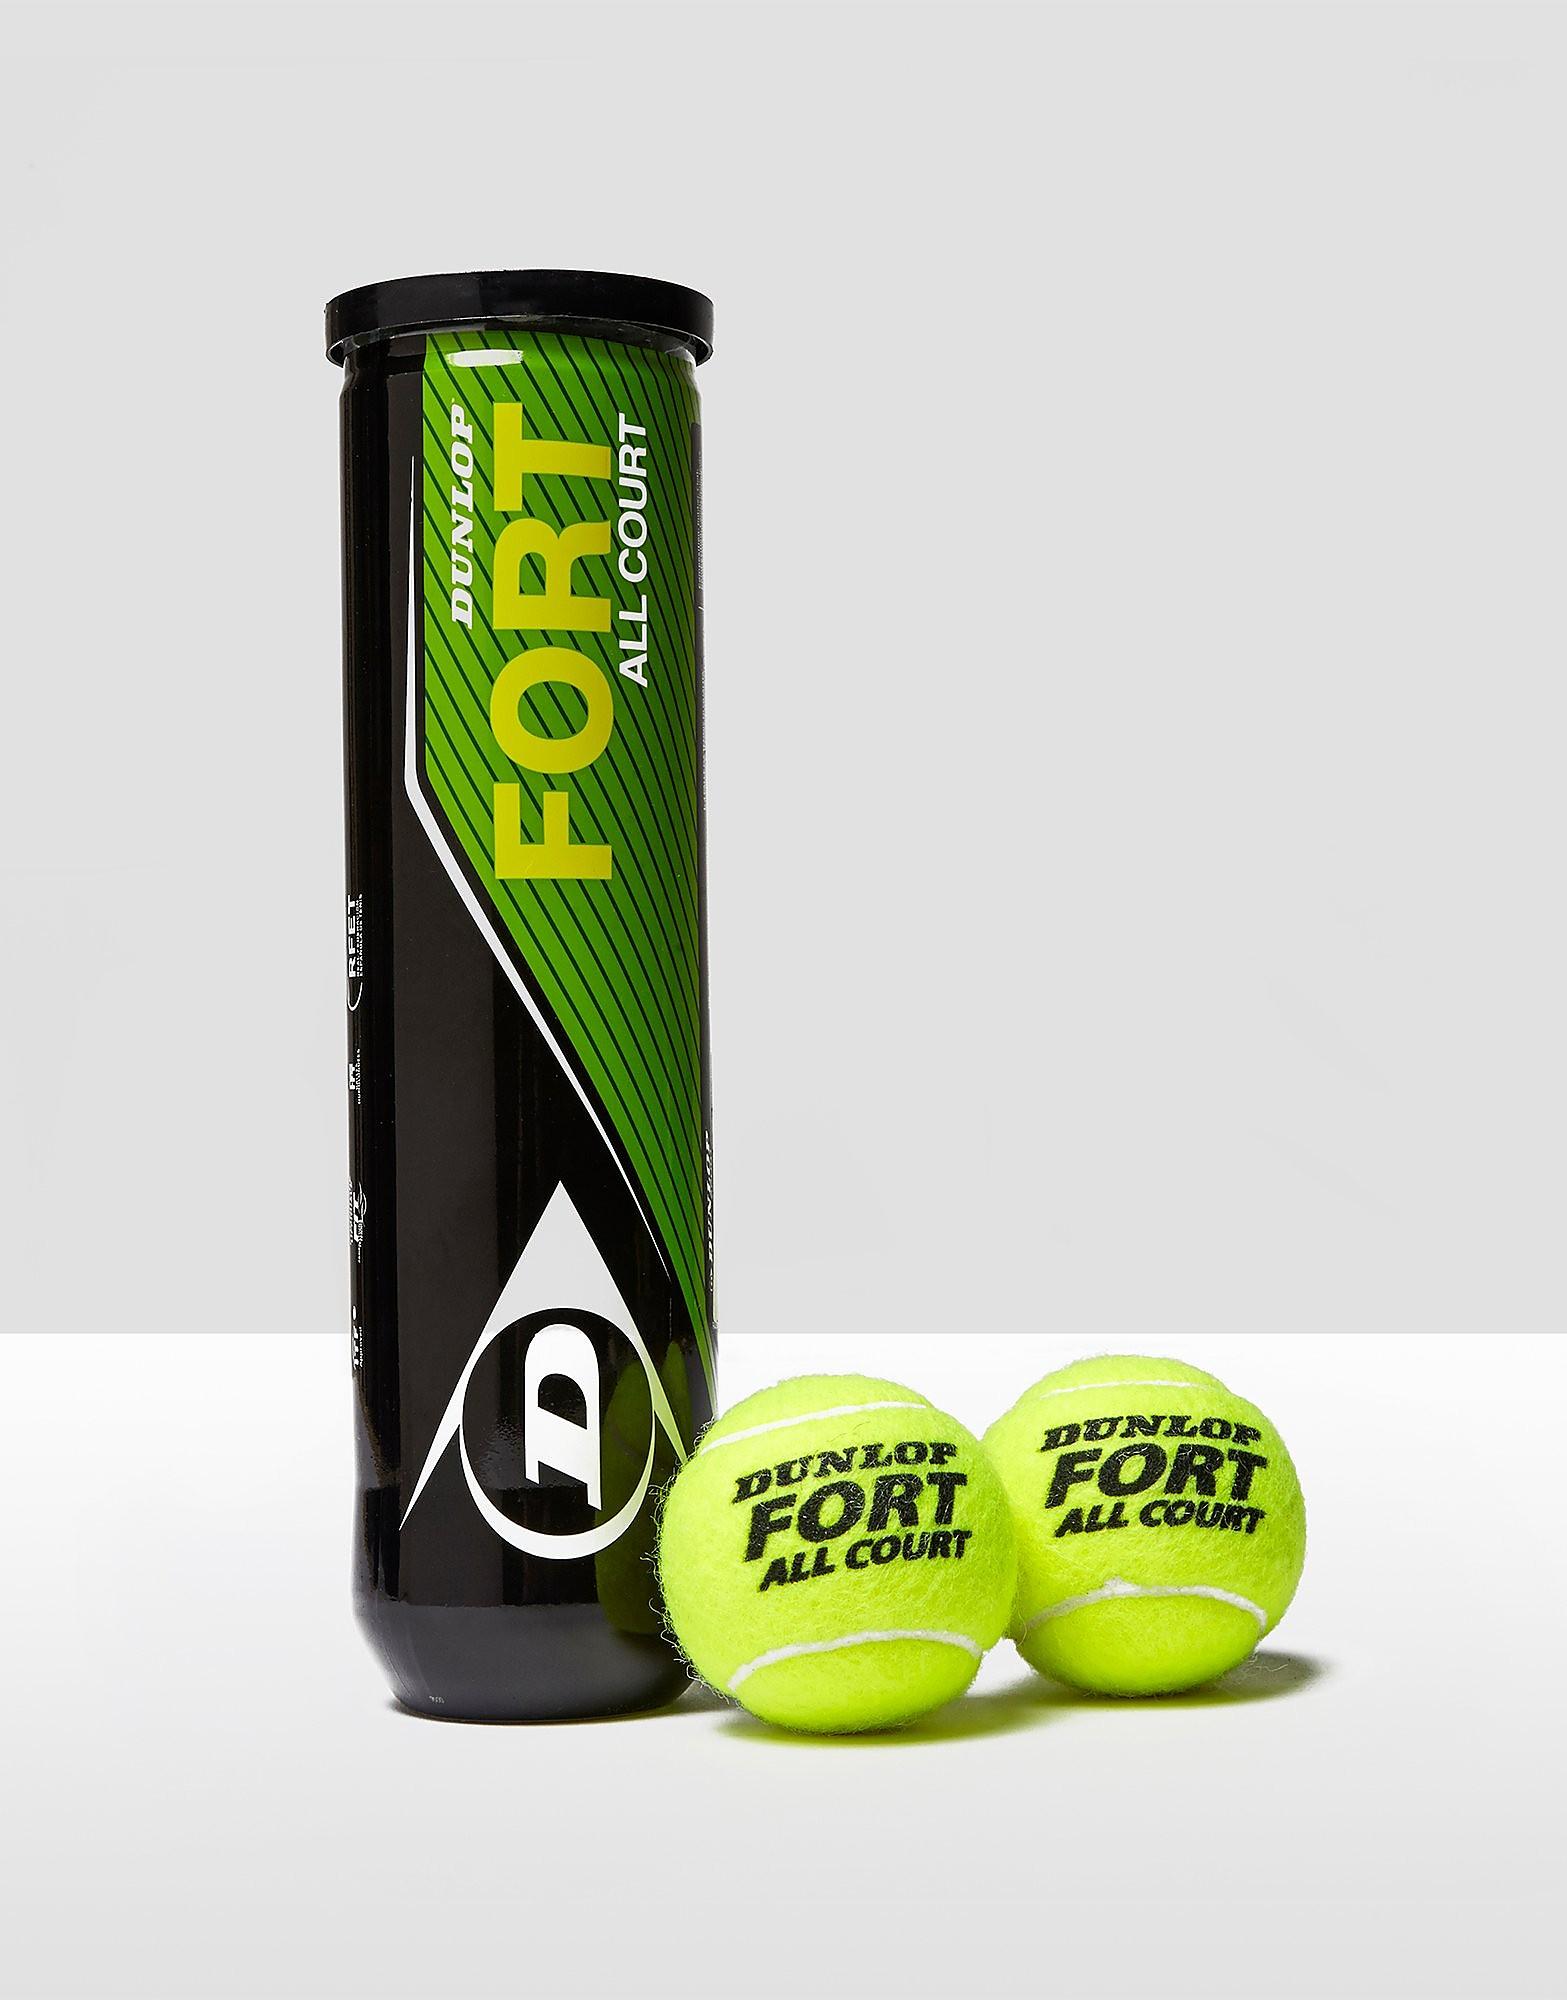 Dunlop Fort All Court Tennis Balls - 4 Ball Can